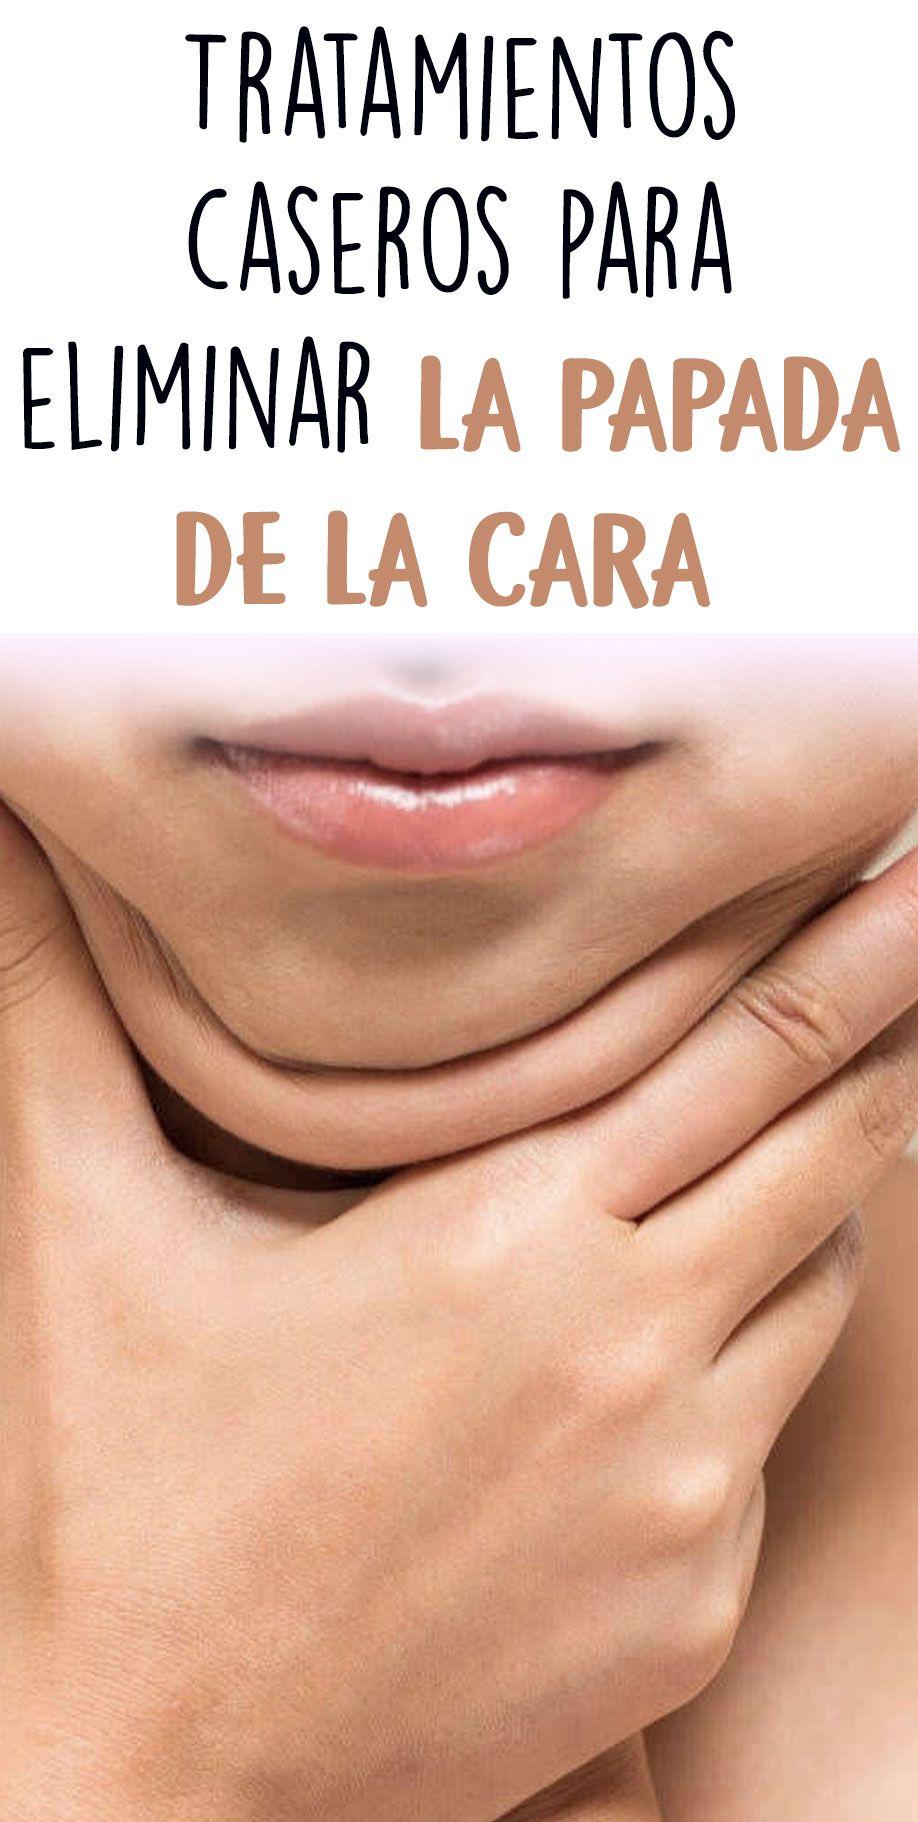 Tratamientos Caseros Para Eliminar La Papada De La Cara Beauty Face Hair Beauty Skin